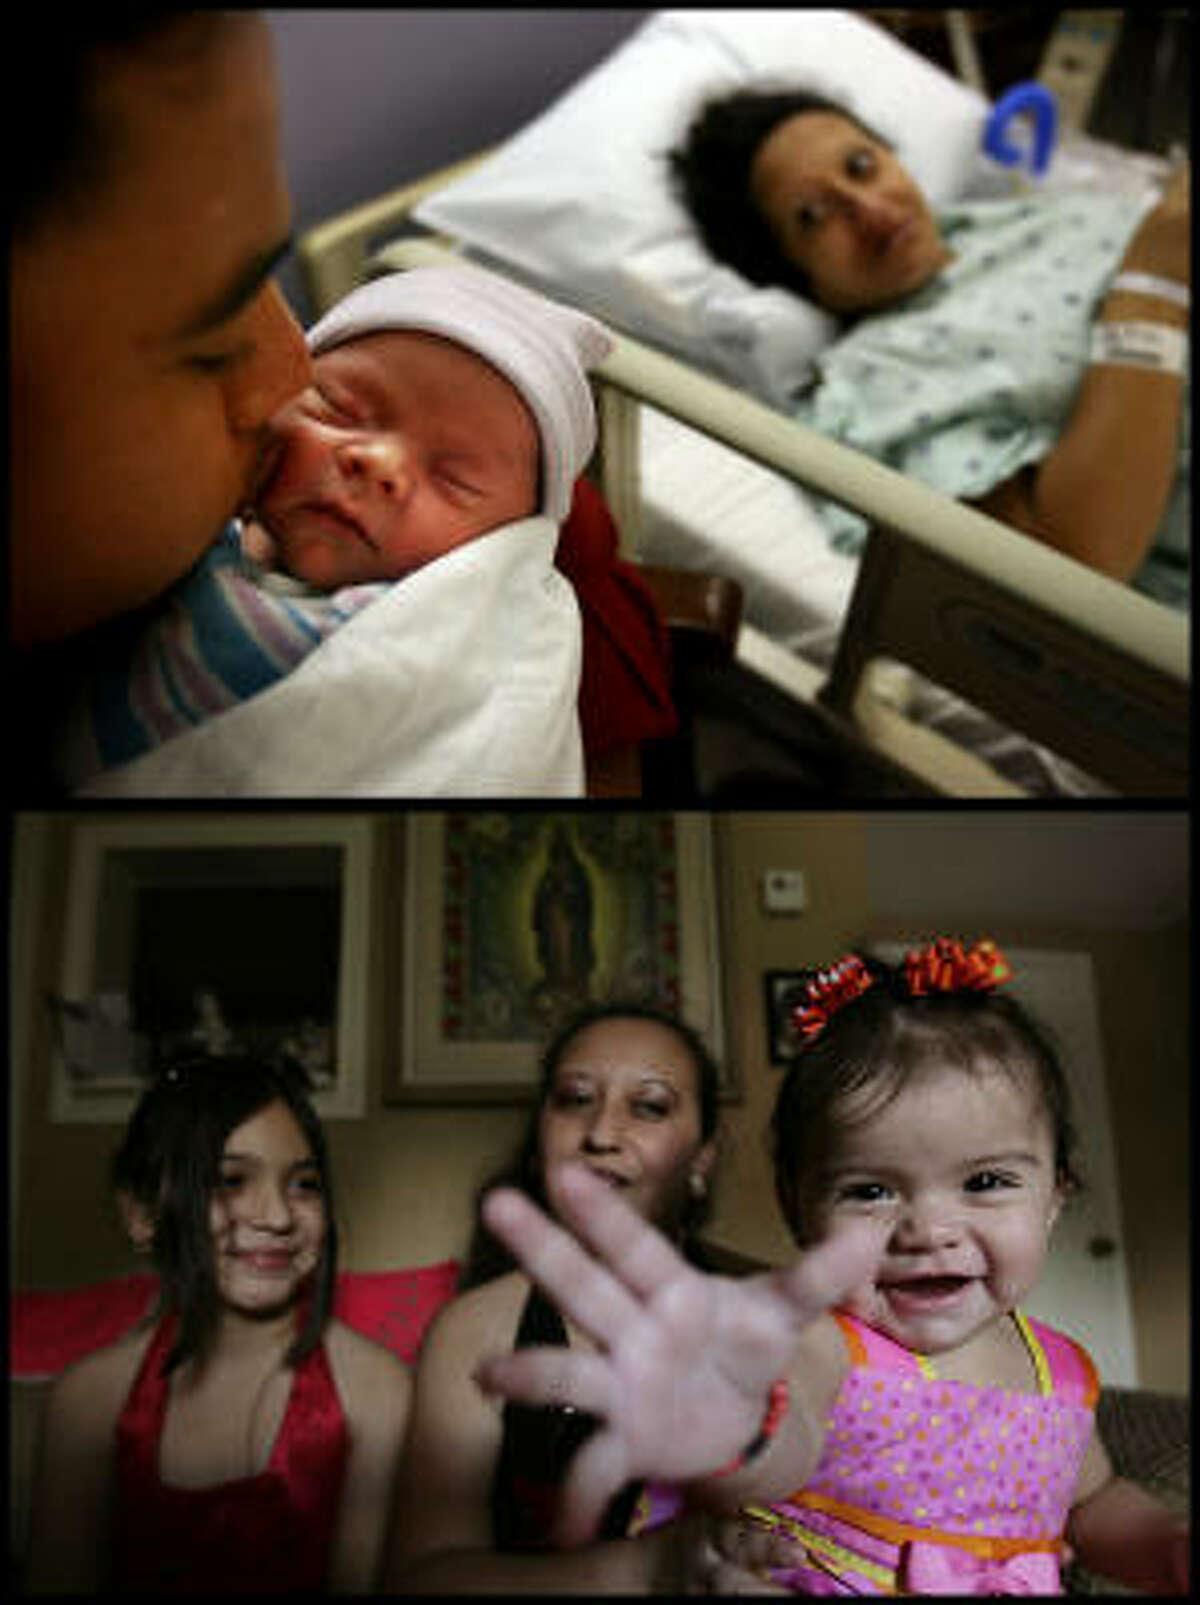 El primer bebé que nació en Galveston después del huracán fue Jennifer Ramírez-Hernández, el 13 de octubre; en la foto de la izquierda es mimada por sus padres.